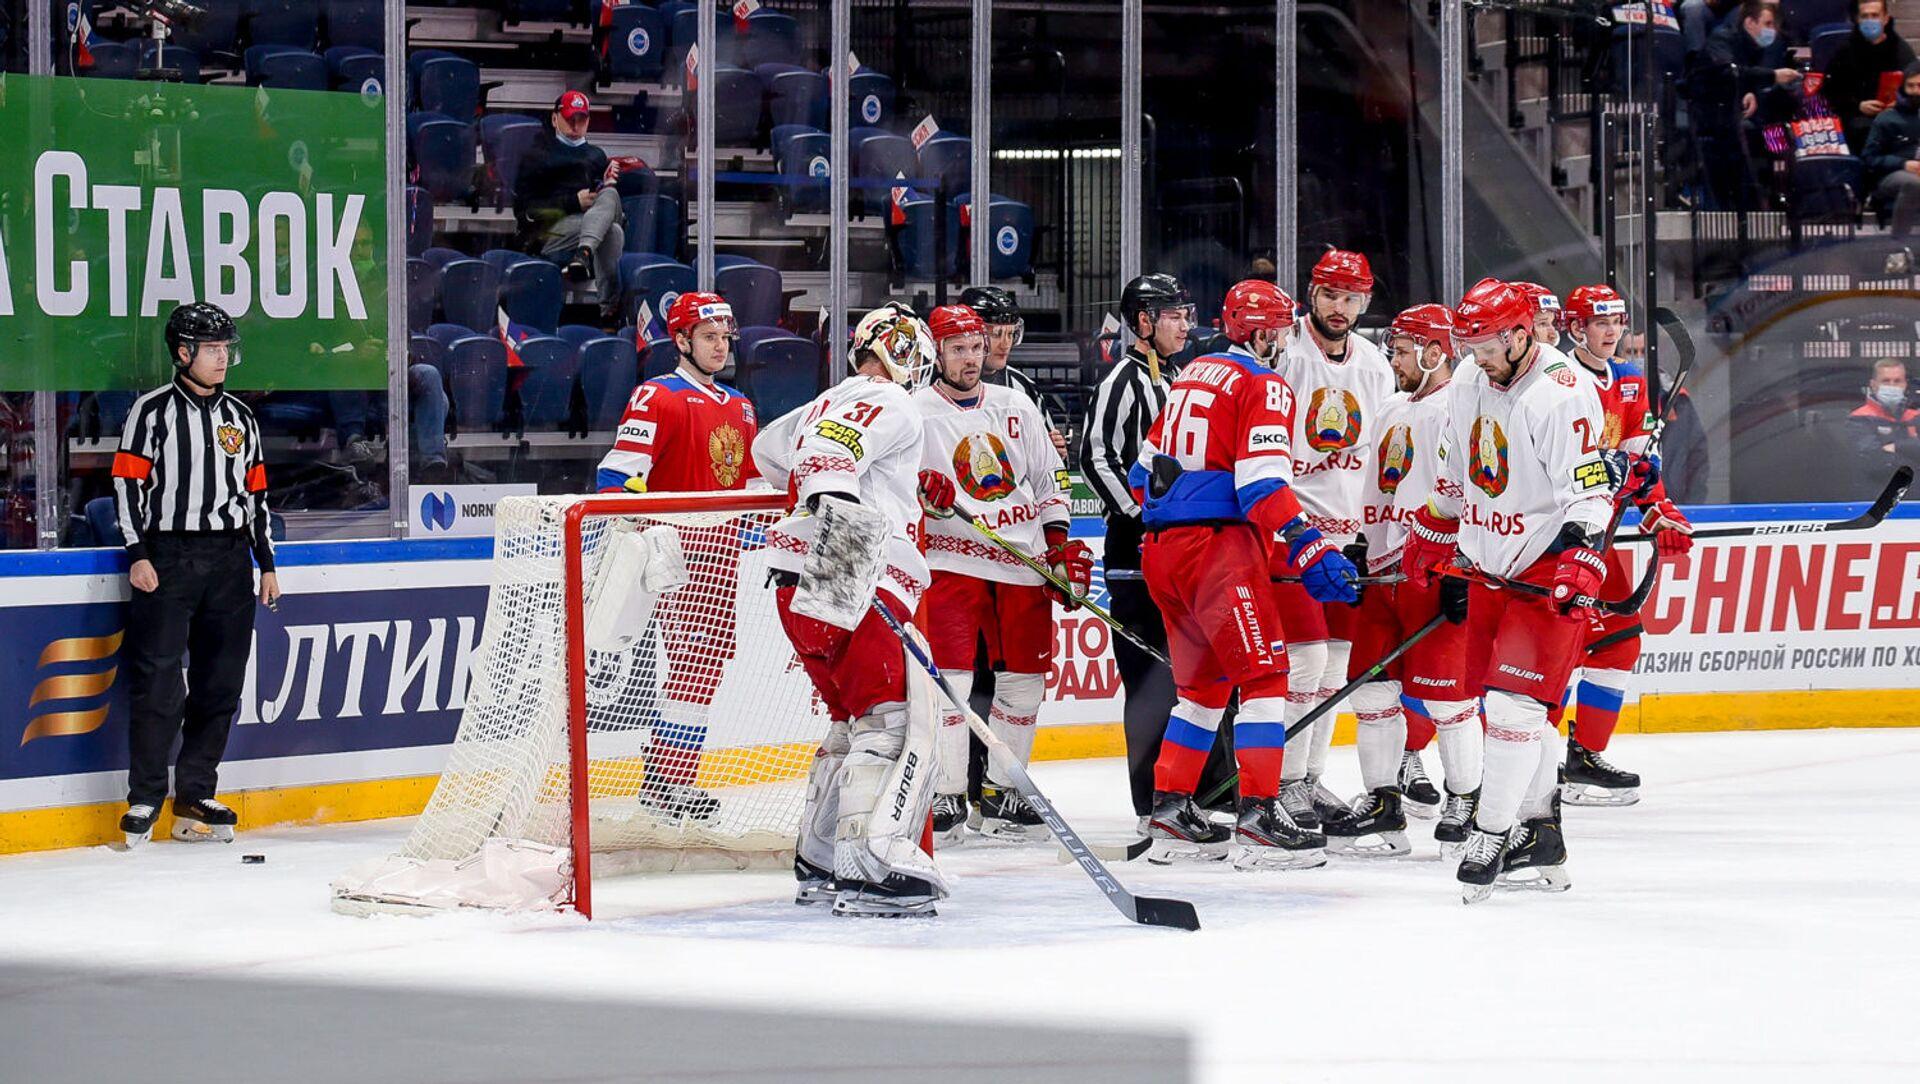 Белорусские хоккеисты проиграли второй матч в Москве - Sputnik Беларусь, 1920, 24.04.2021